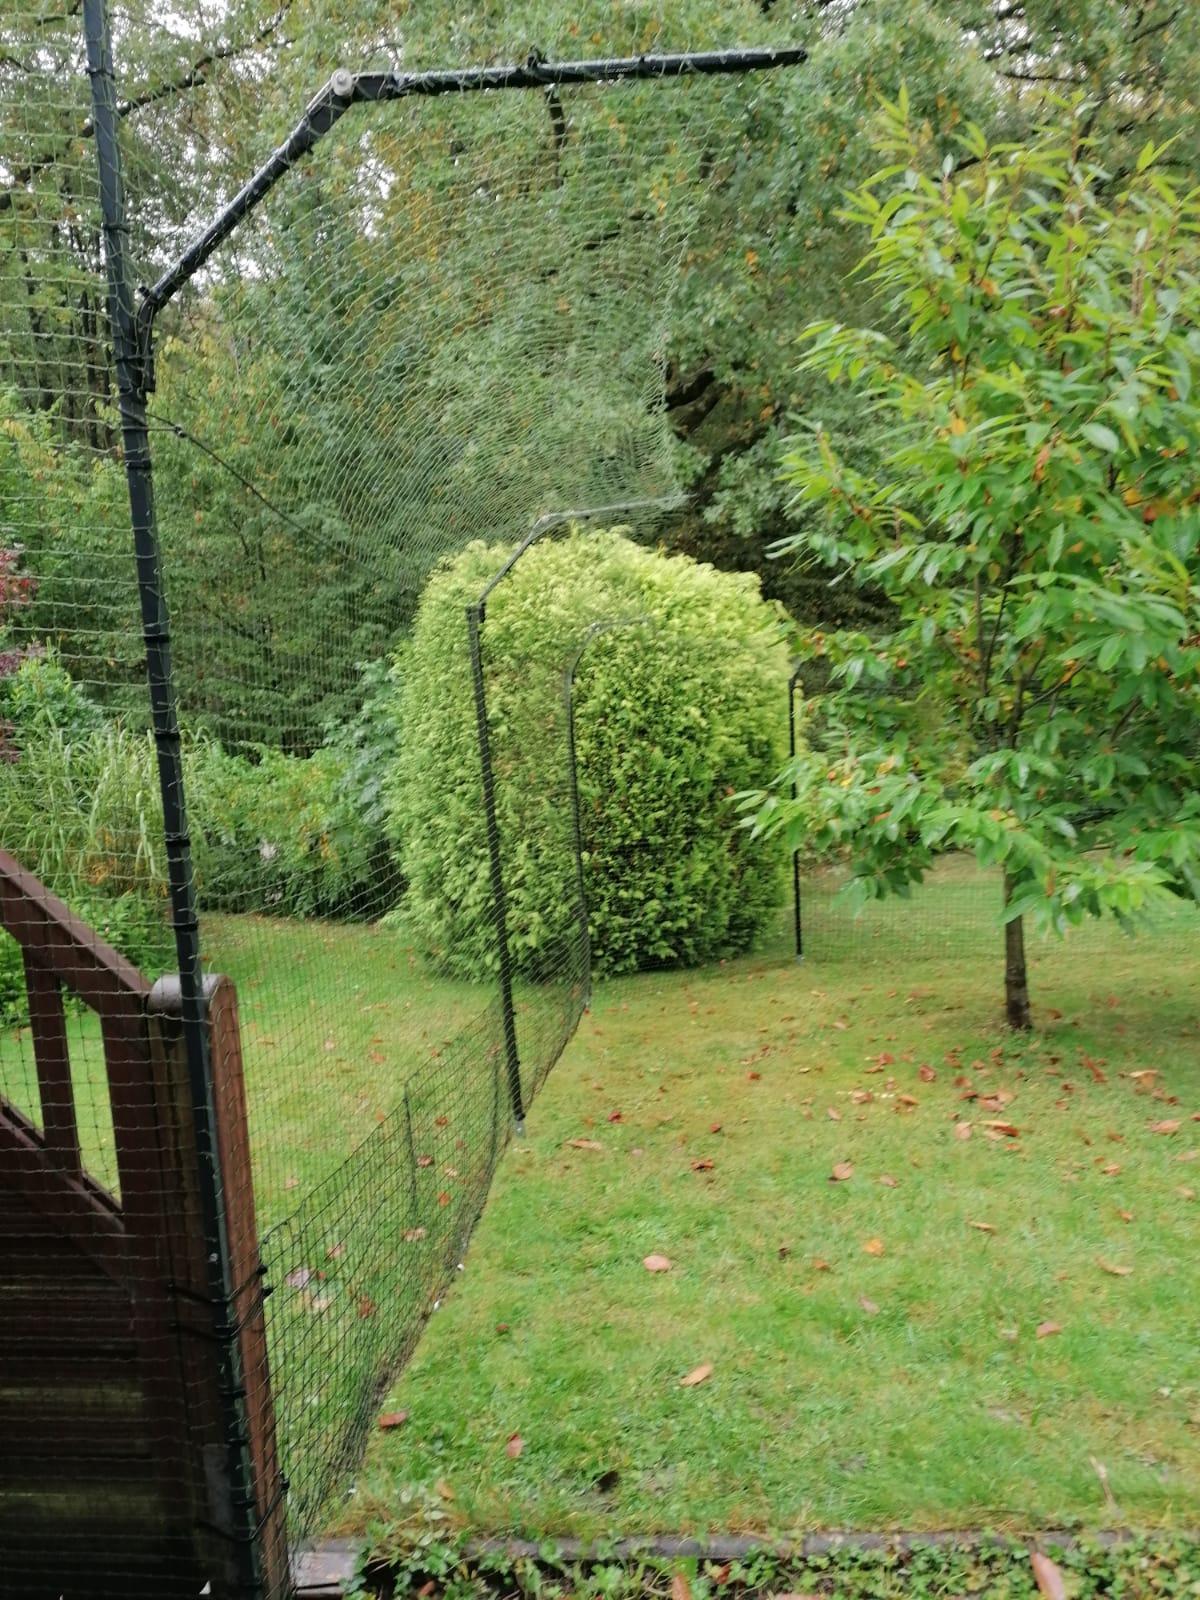 Katzenzaun_Katzennetz_Garten